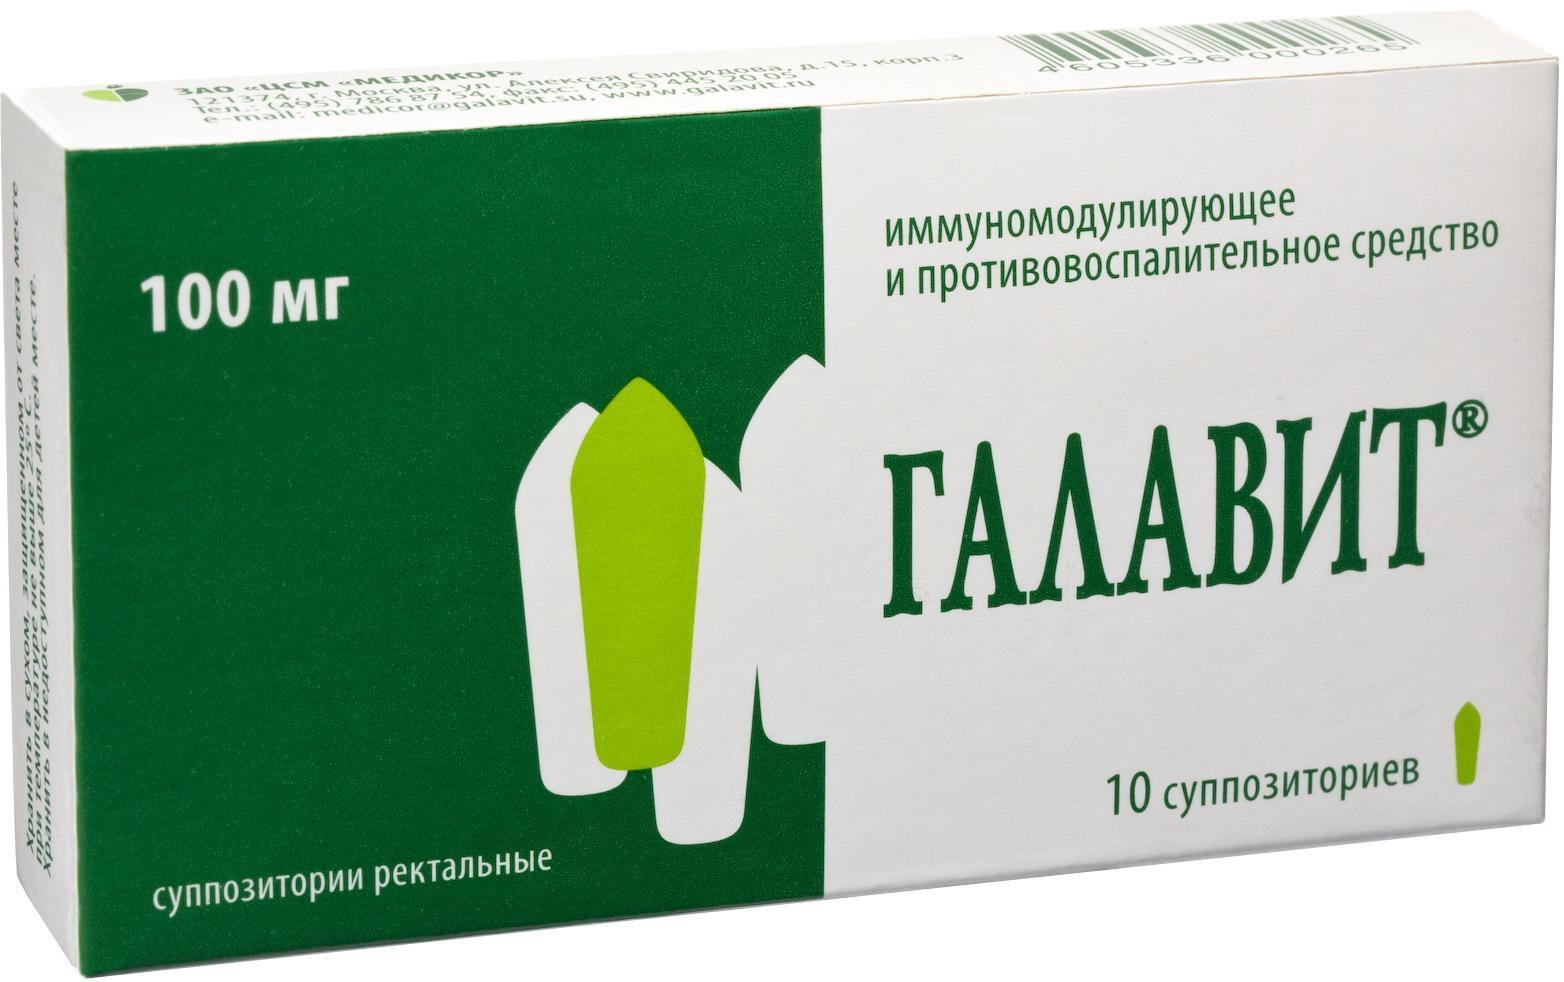 Головит препарат инструкция таблетки